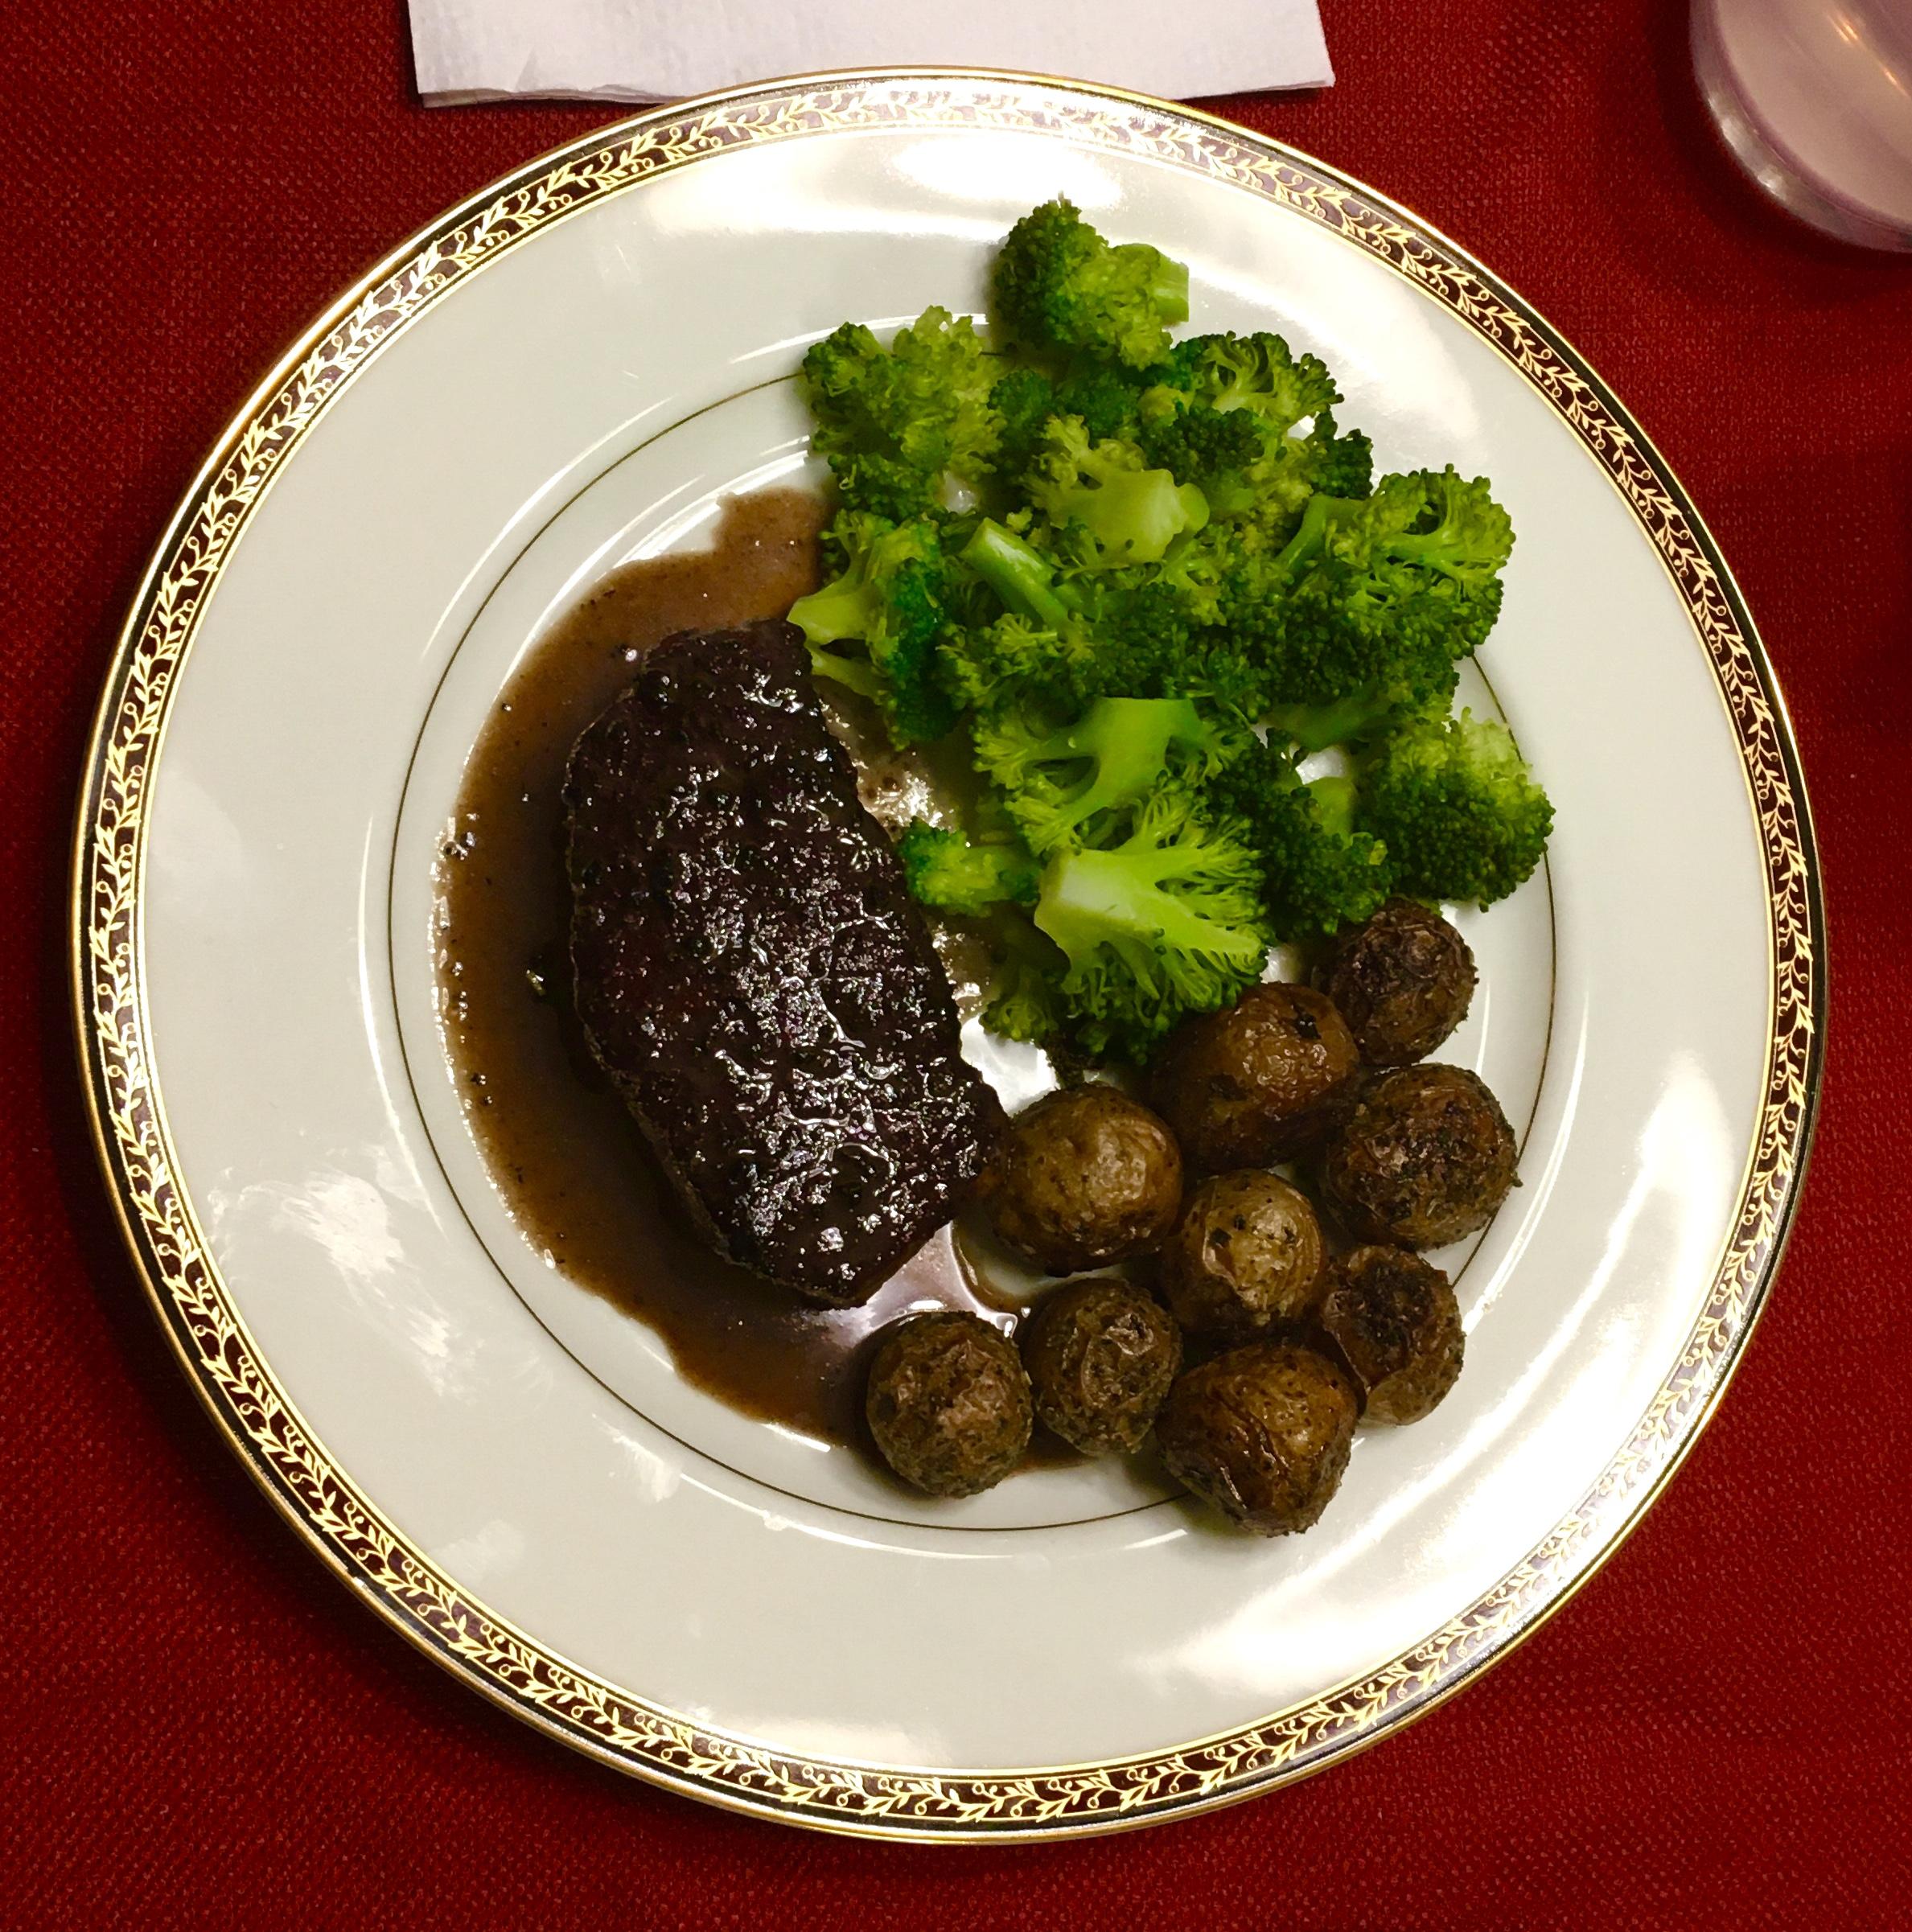 Manhattan Filet with Pan Sauce Bordelaise moo